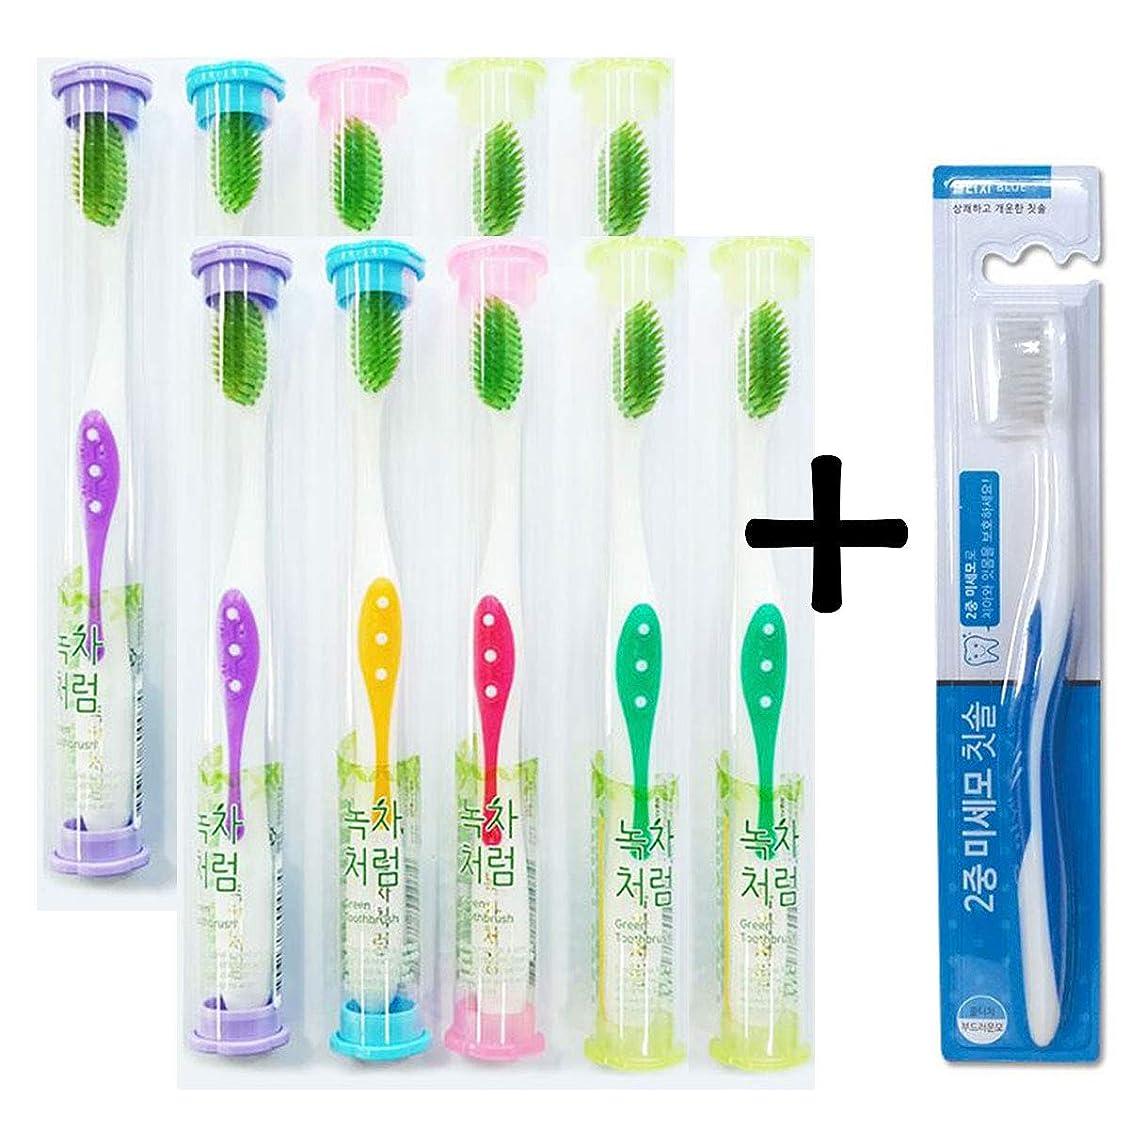 アラブ人悪い句読点Korea Green Toothbrush 10+1 Special Set Lovely individual case Random color 緑茶の歯ブラシ10本,ランデン発送+クルターチ2重微細胞歯ブラシ1本